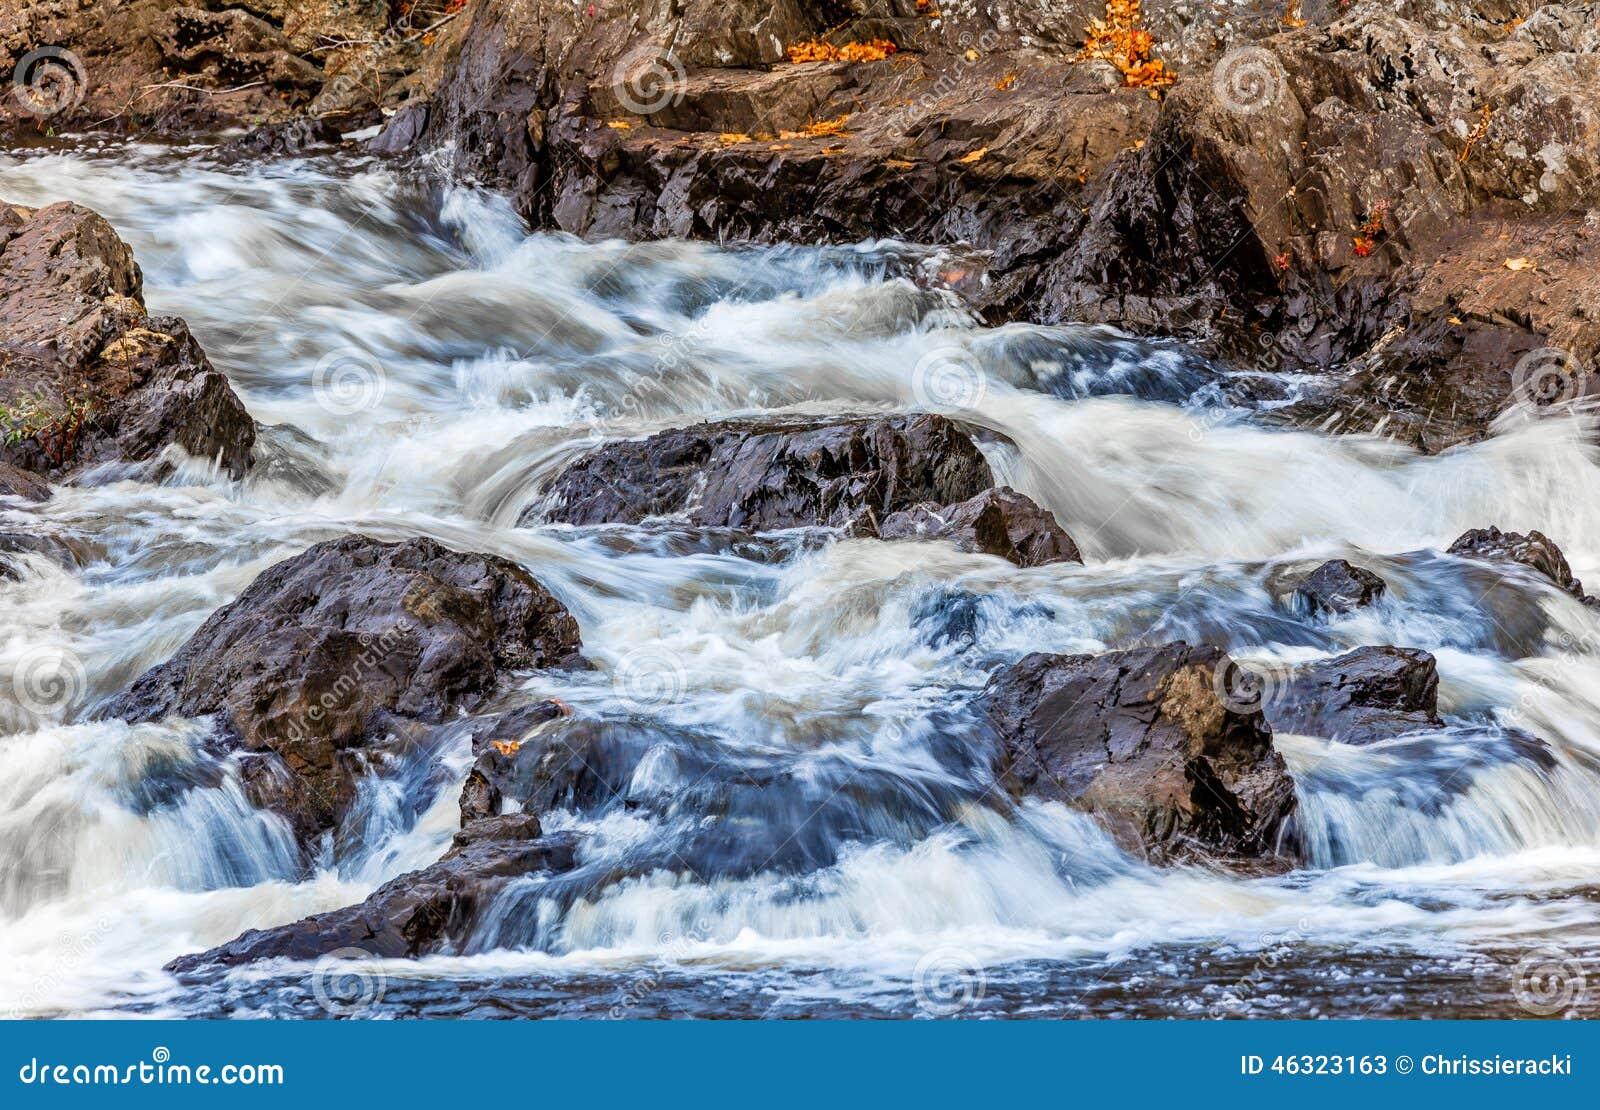 Разбивая вода в потоке